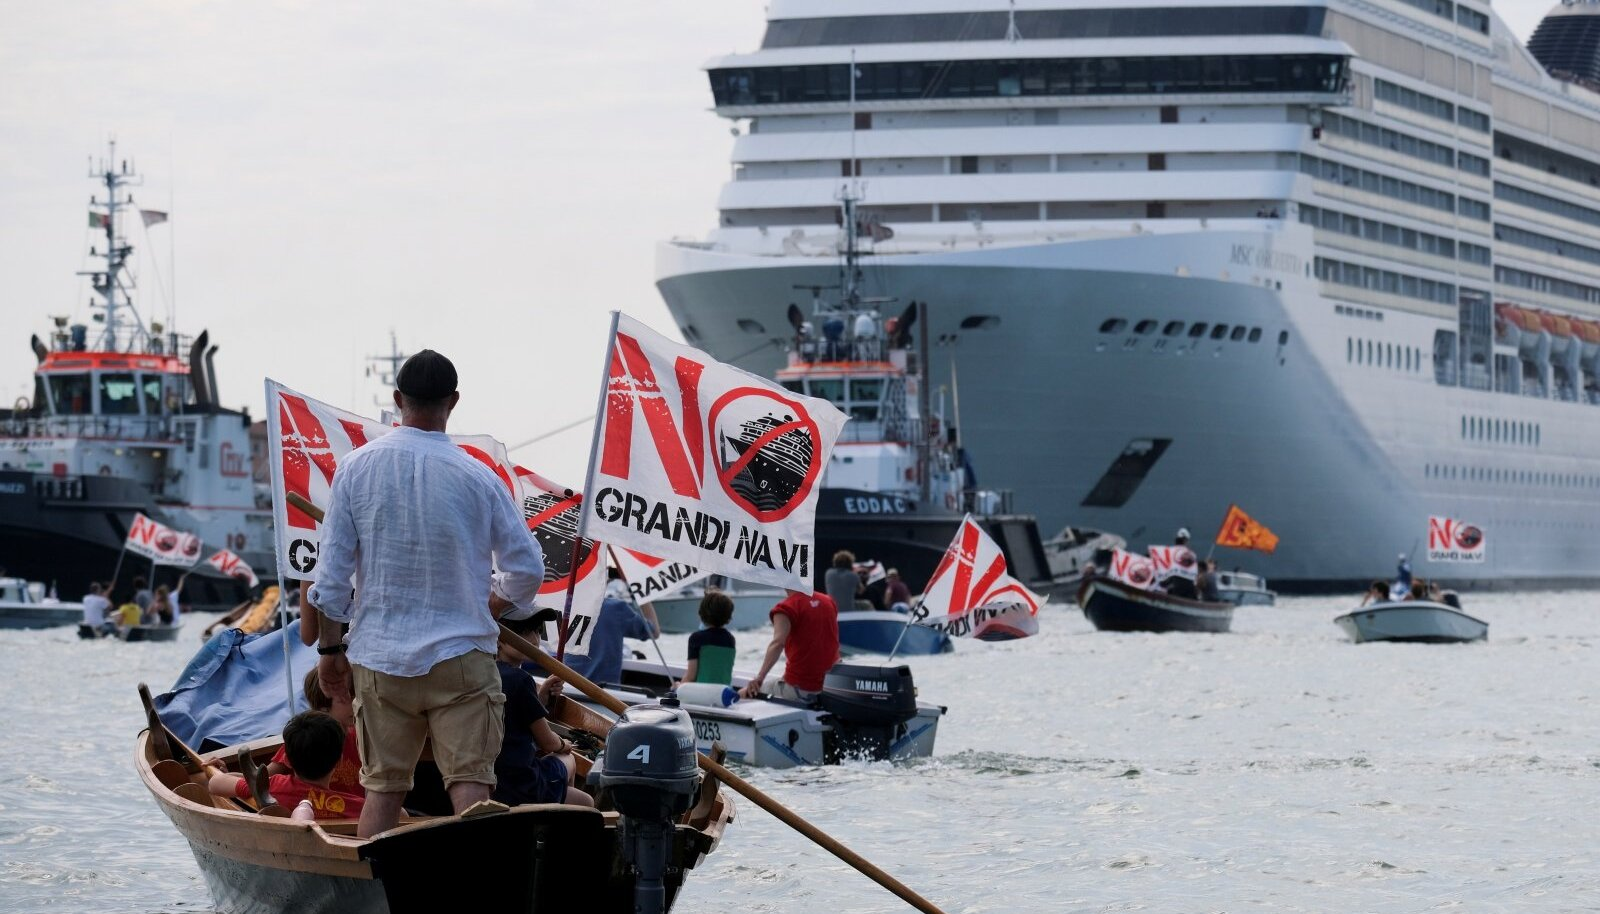 Nädalavahetusel toimusid Veneetsia laguunis meeleavaldused nii ristluslaevade poolt kui ka vastu.